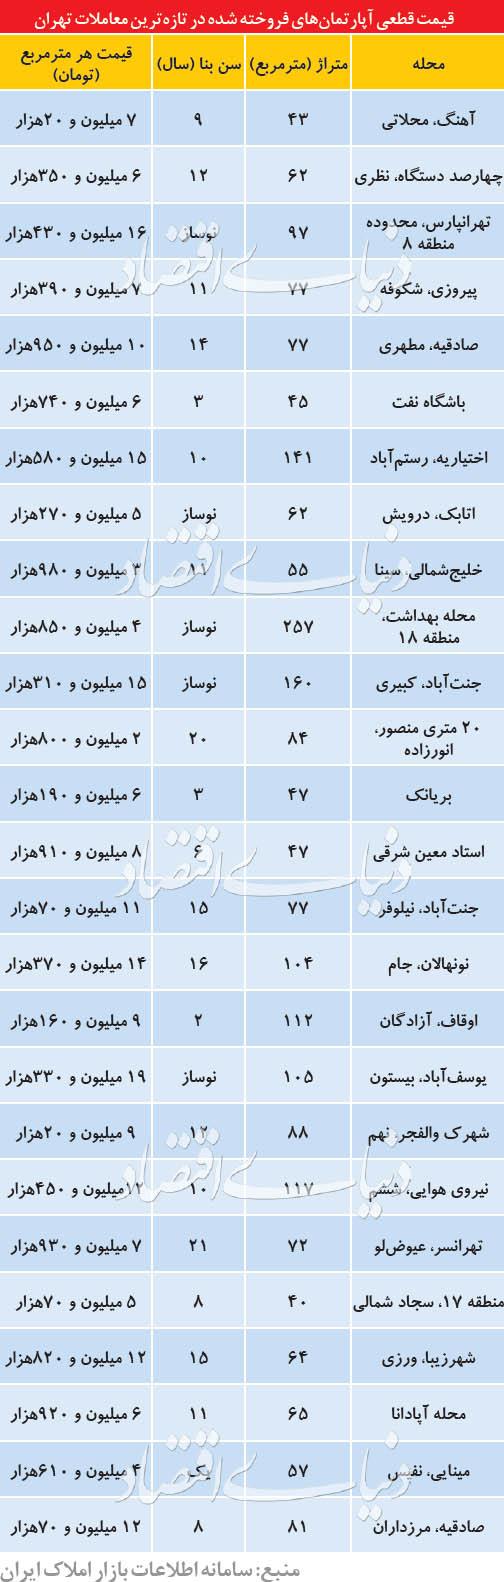 پیشبینی واسطهها از بازار مسکن آخر بهمن - 4